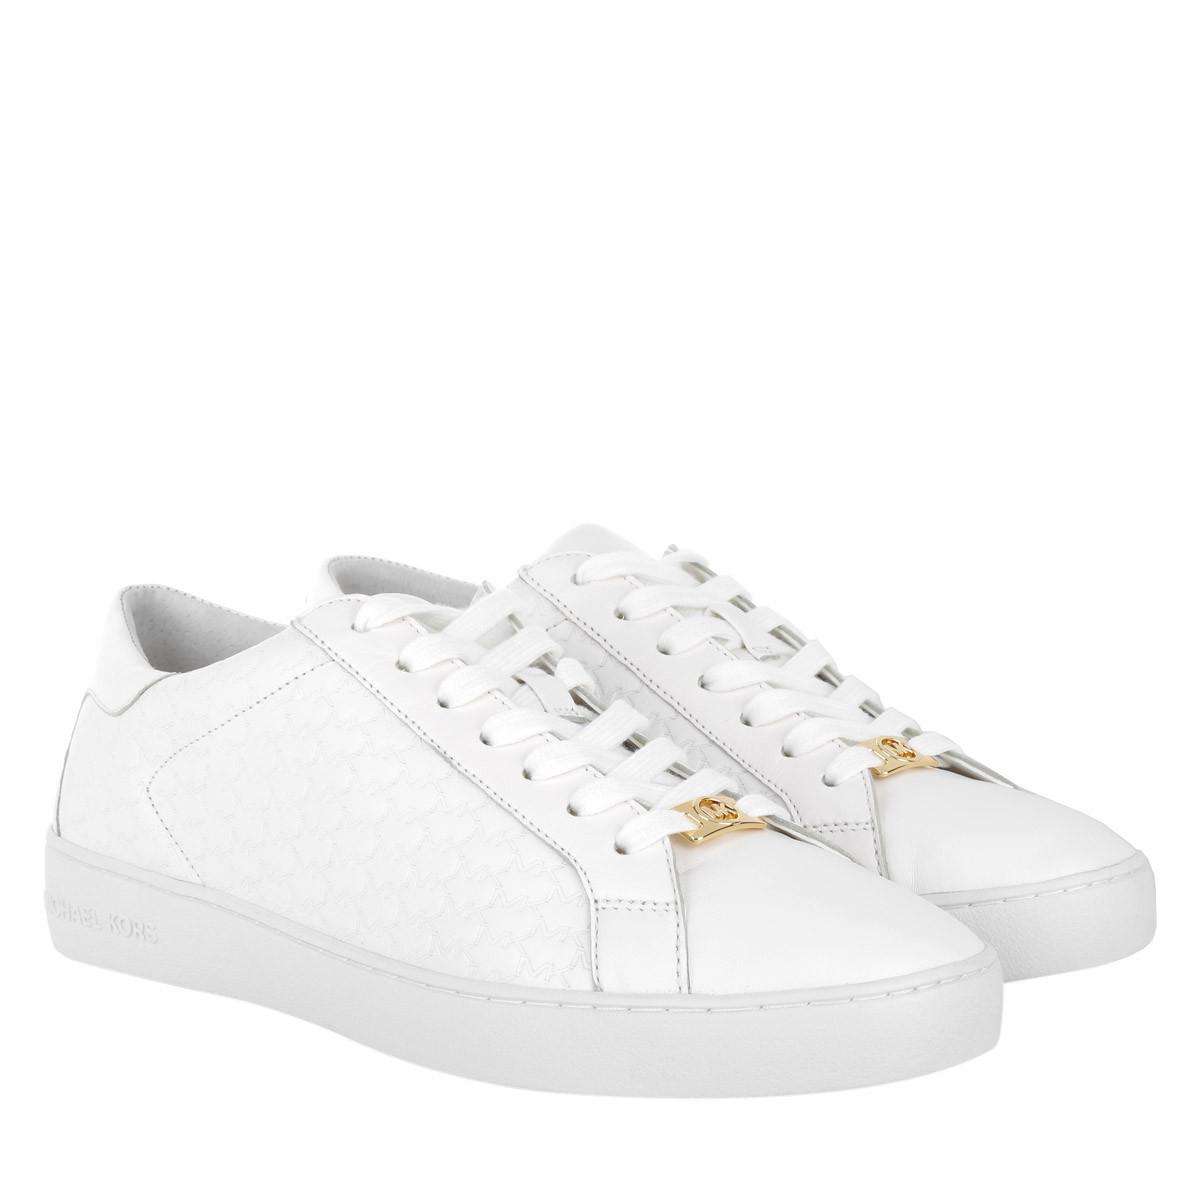 Michael Kors Sneakers - Colby Sneaker Optic White - in weiß - für Damen